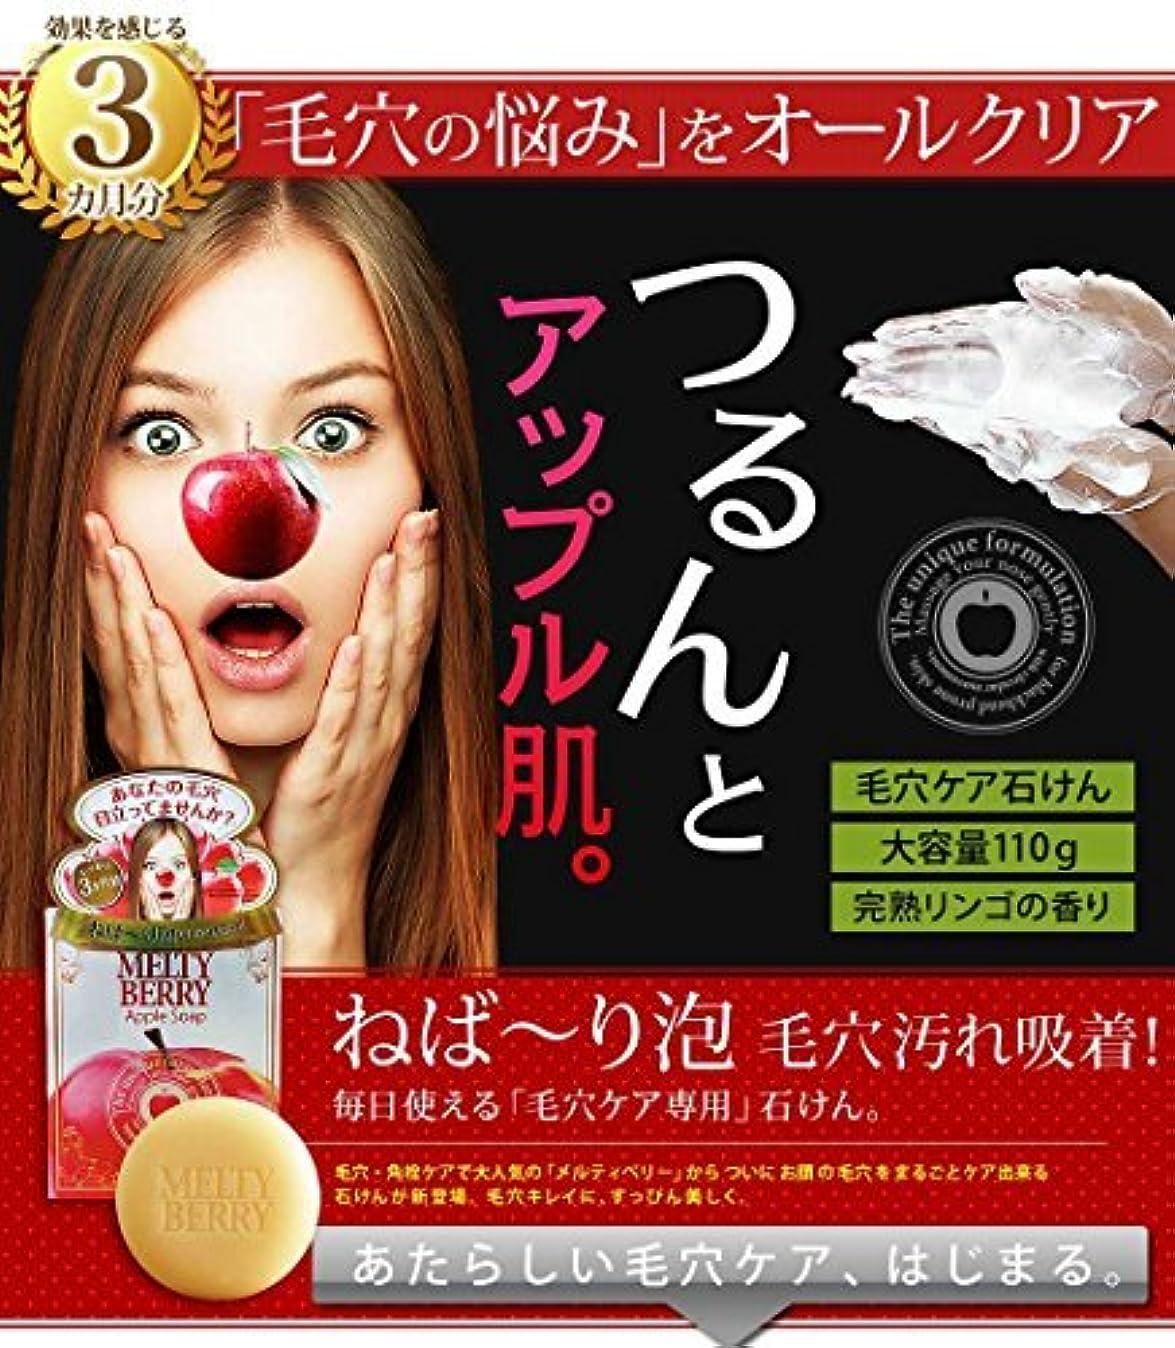 姪スコットランド人三角メルティベリーアップルソープ 2個セット(毛穴対策用洗顔石鹸)